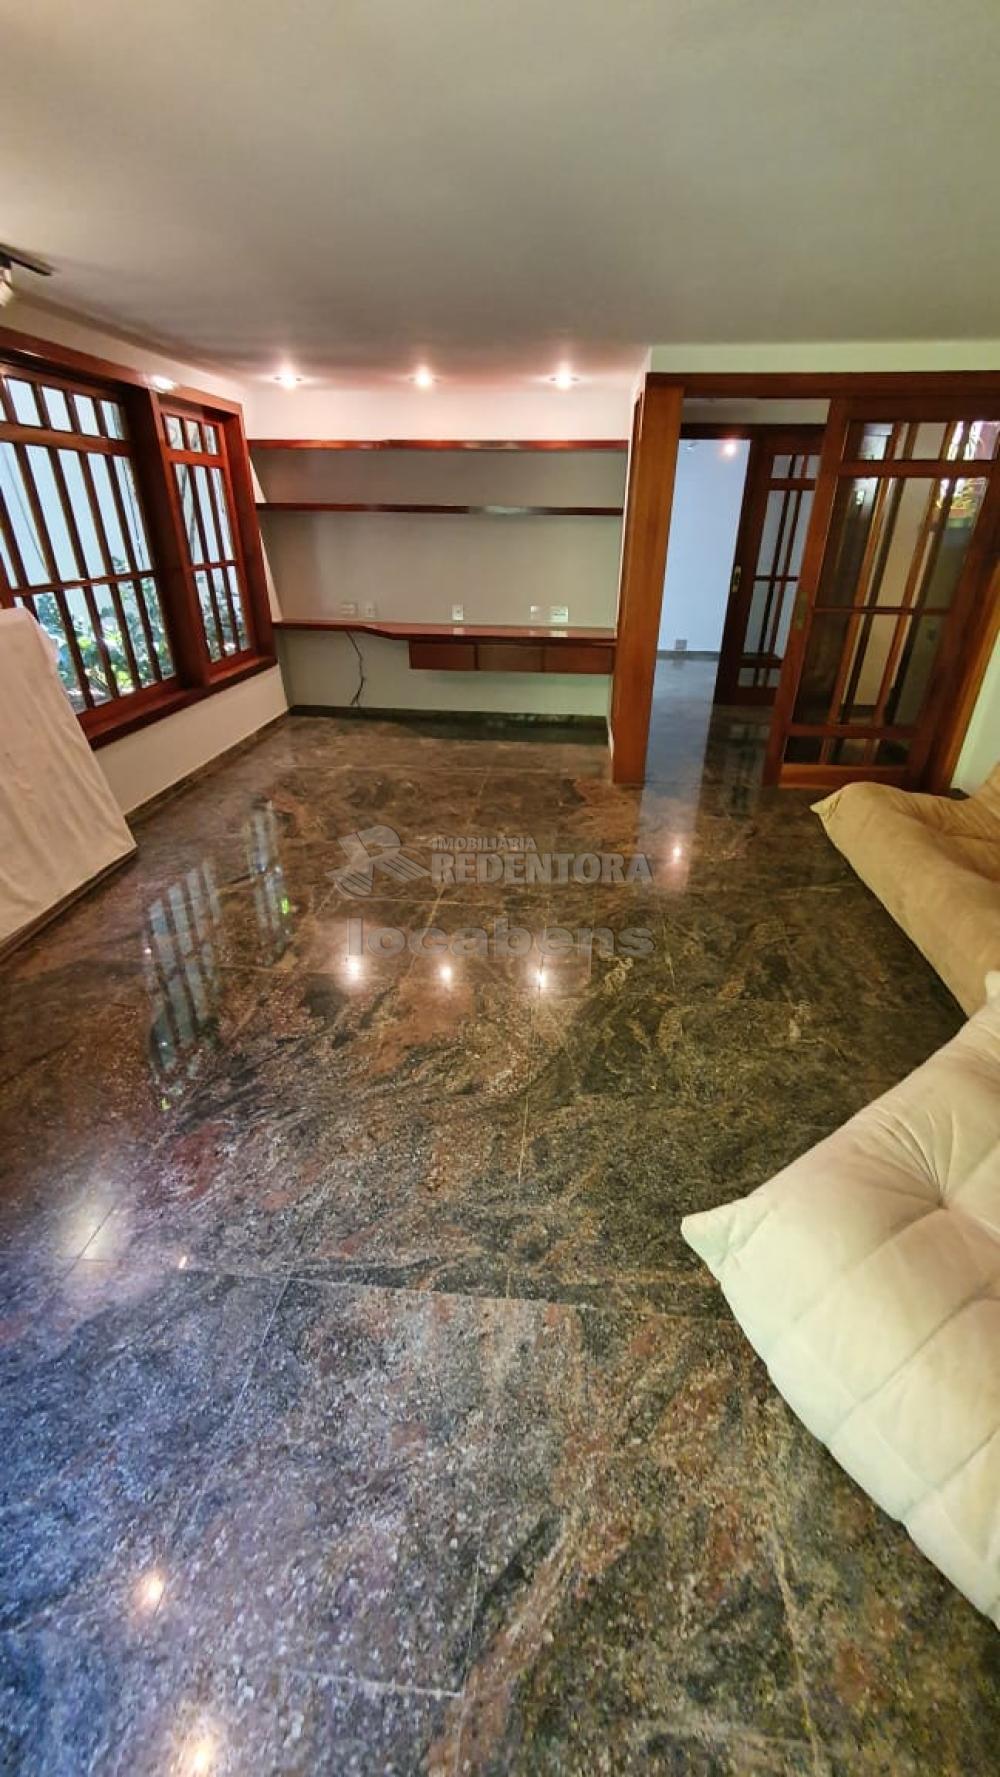 Comprar Casa / Condomínio em São José do Rio Preto R$ 3.500.000,00 - Foto 10